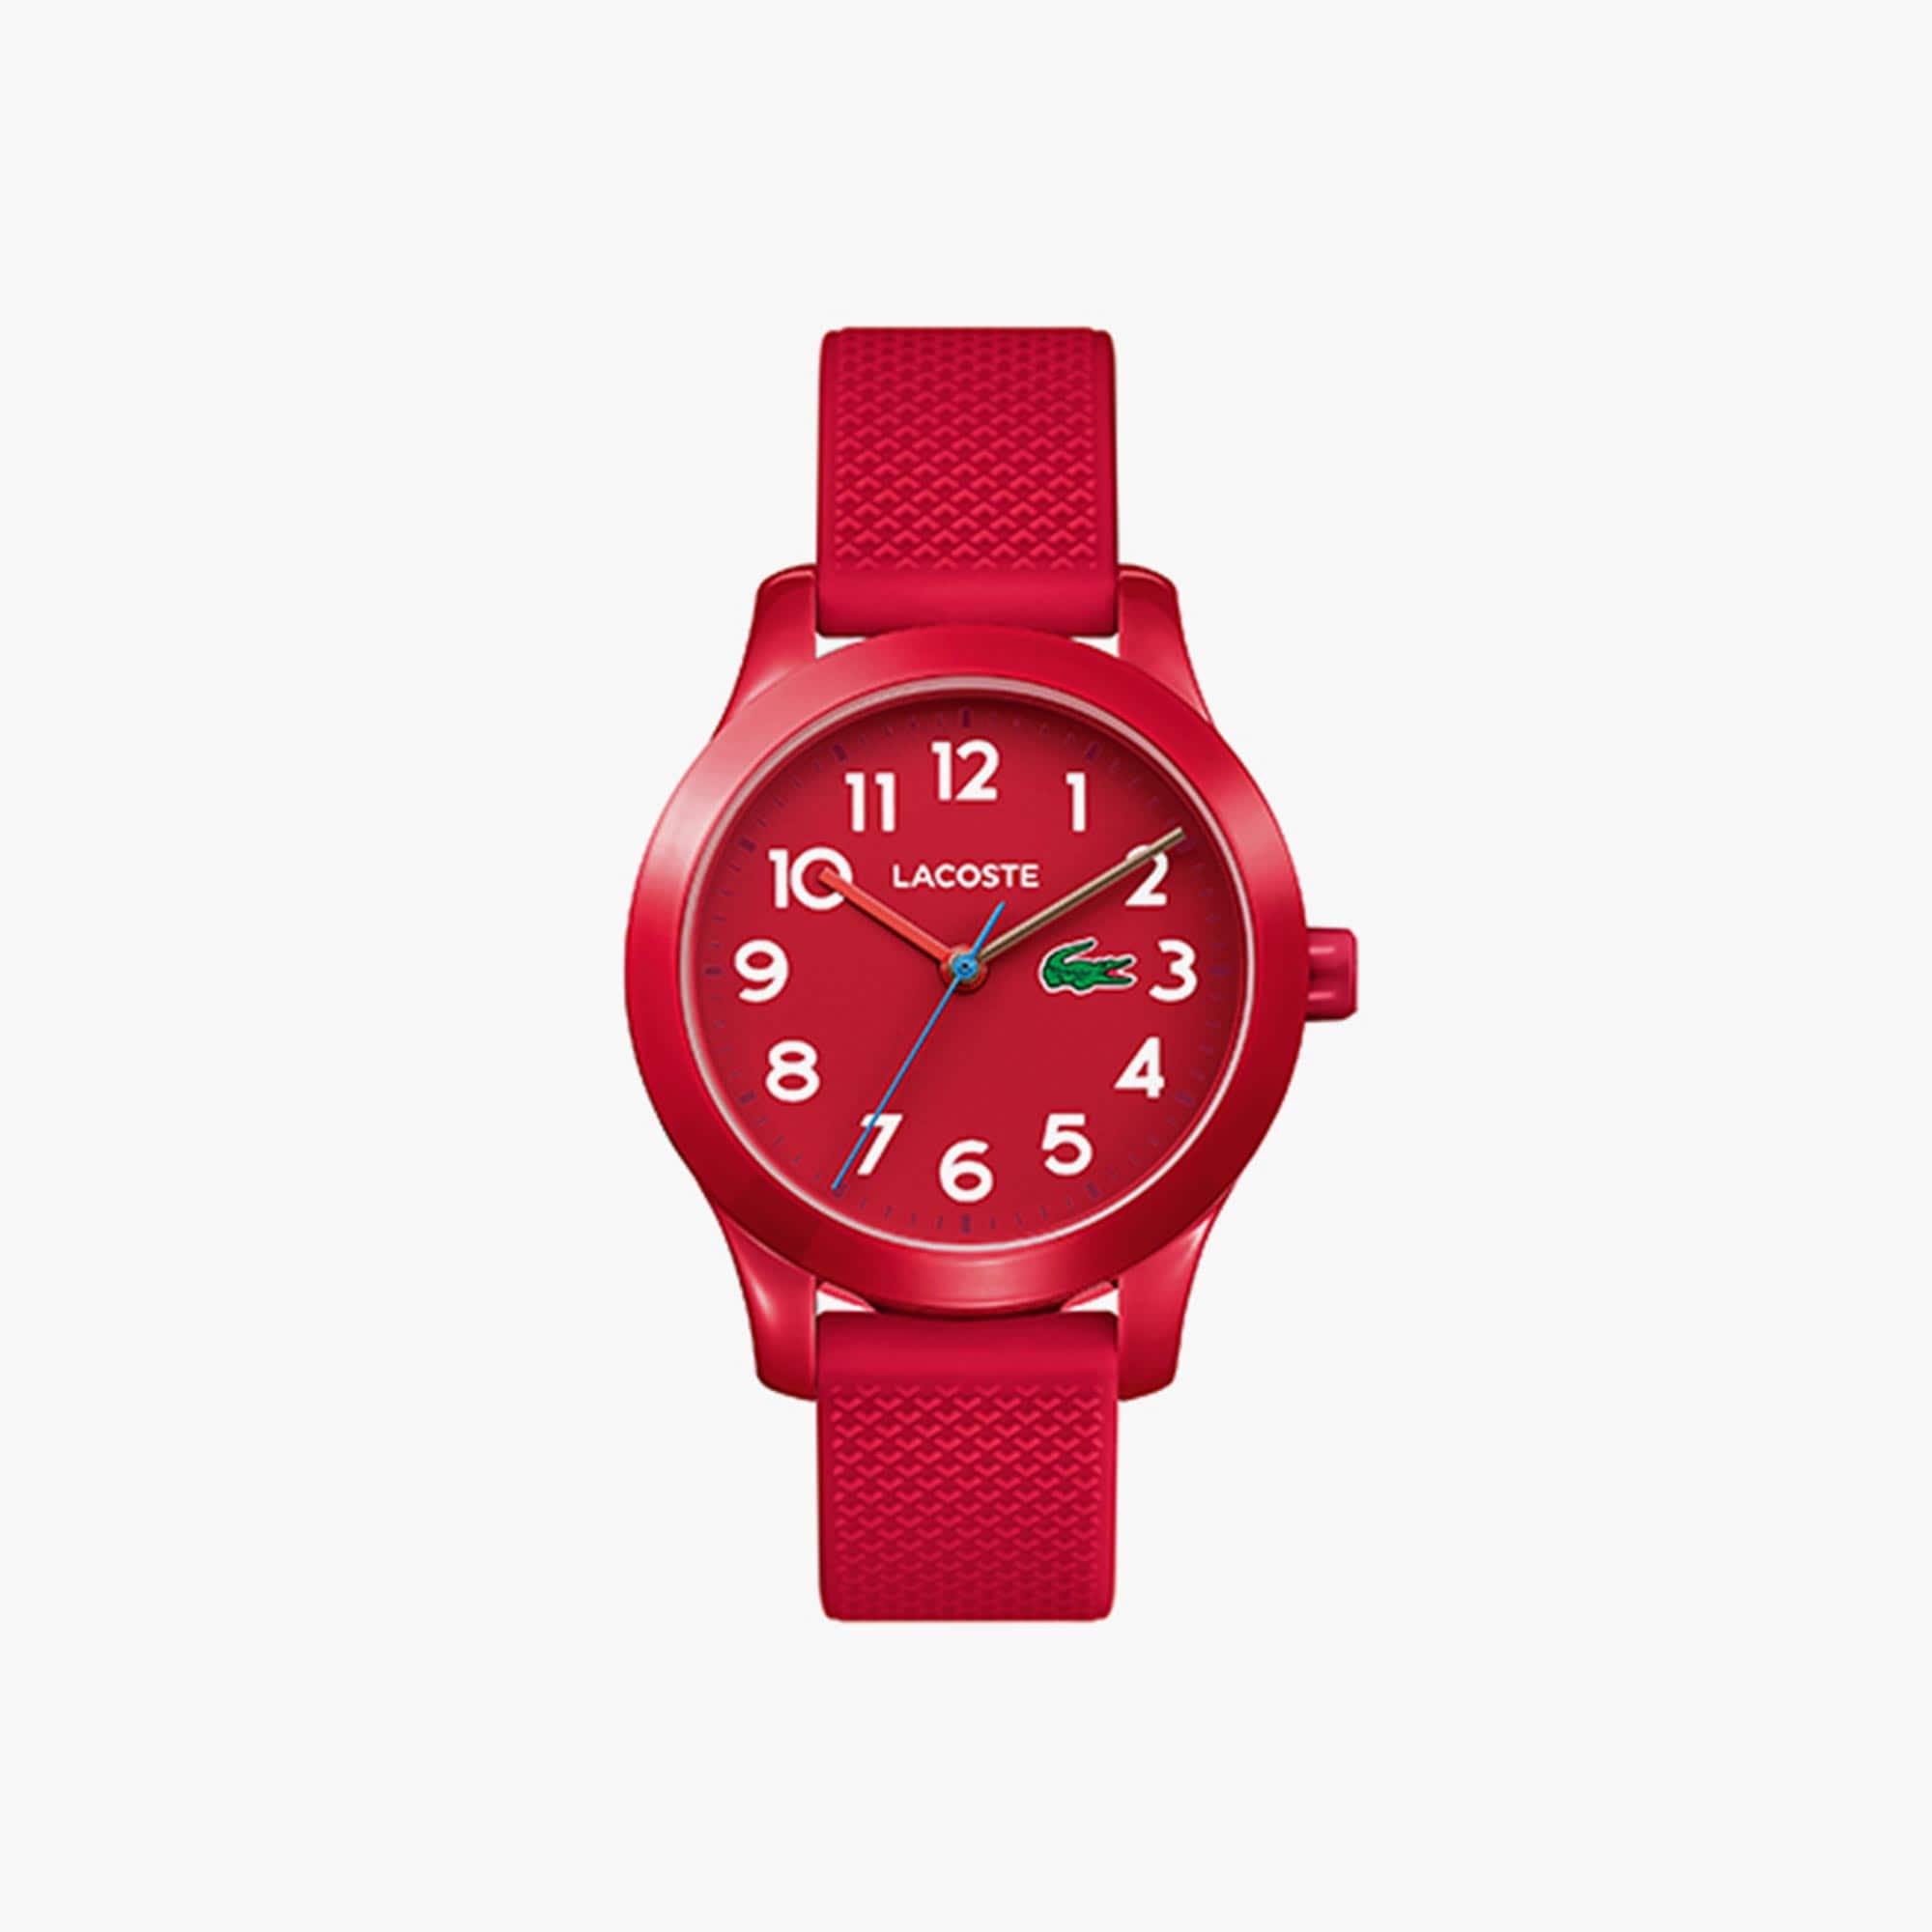 Montre Enfant Lacoste12.12 avec Bracelet Rouge en Silicone